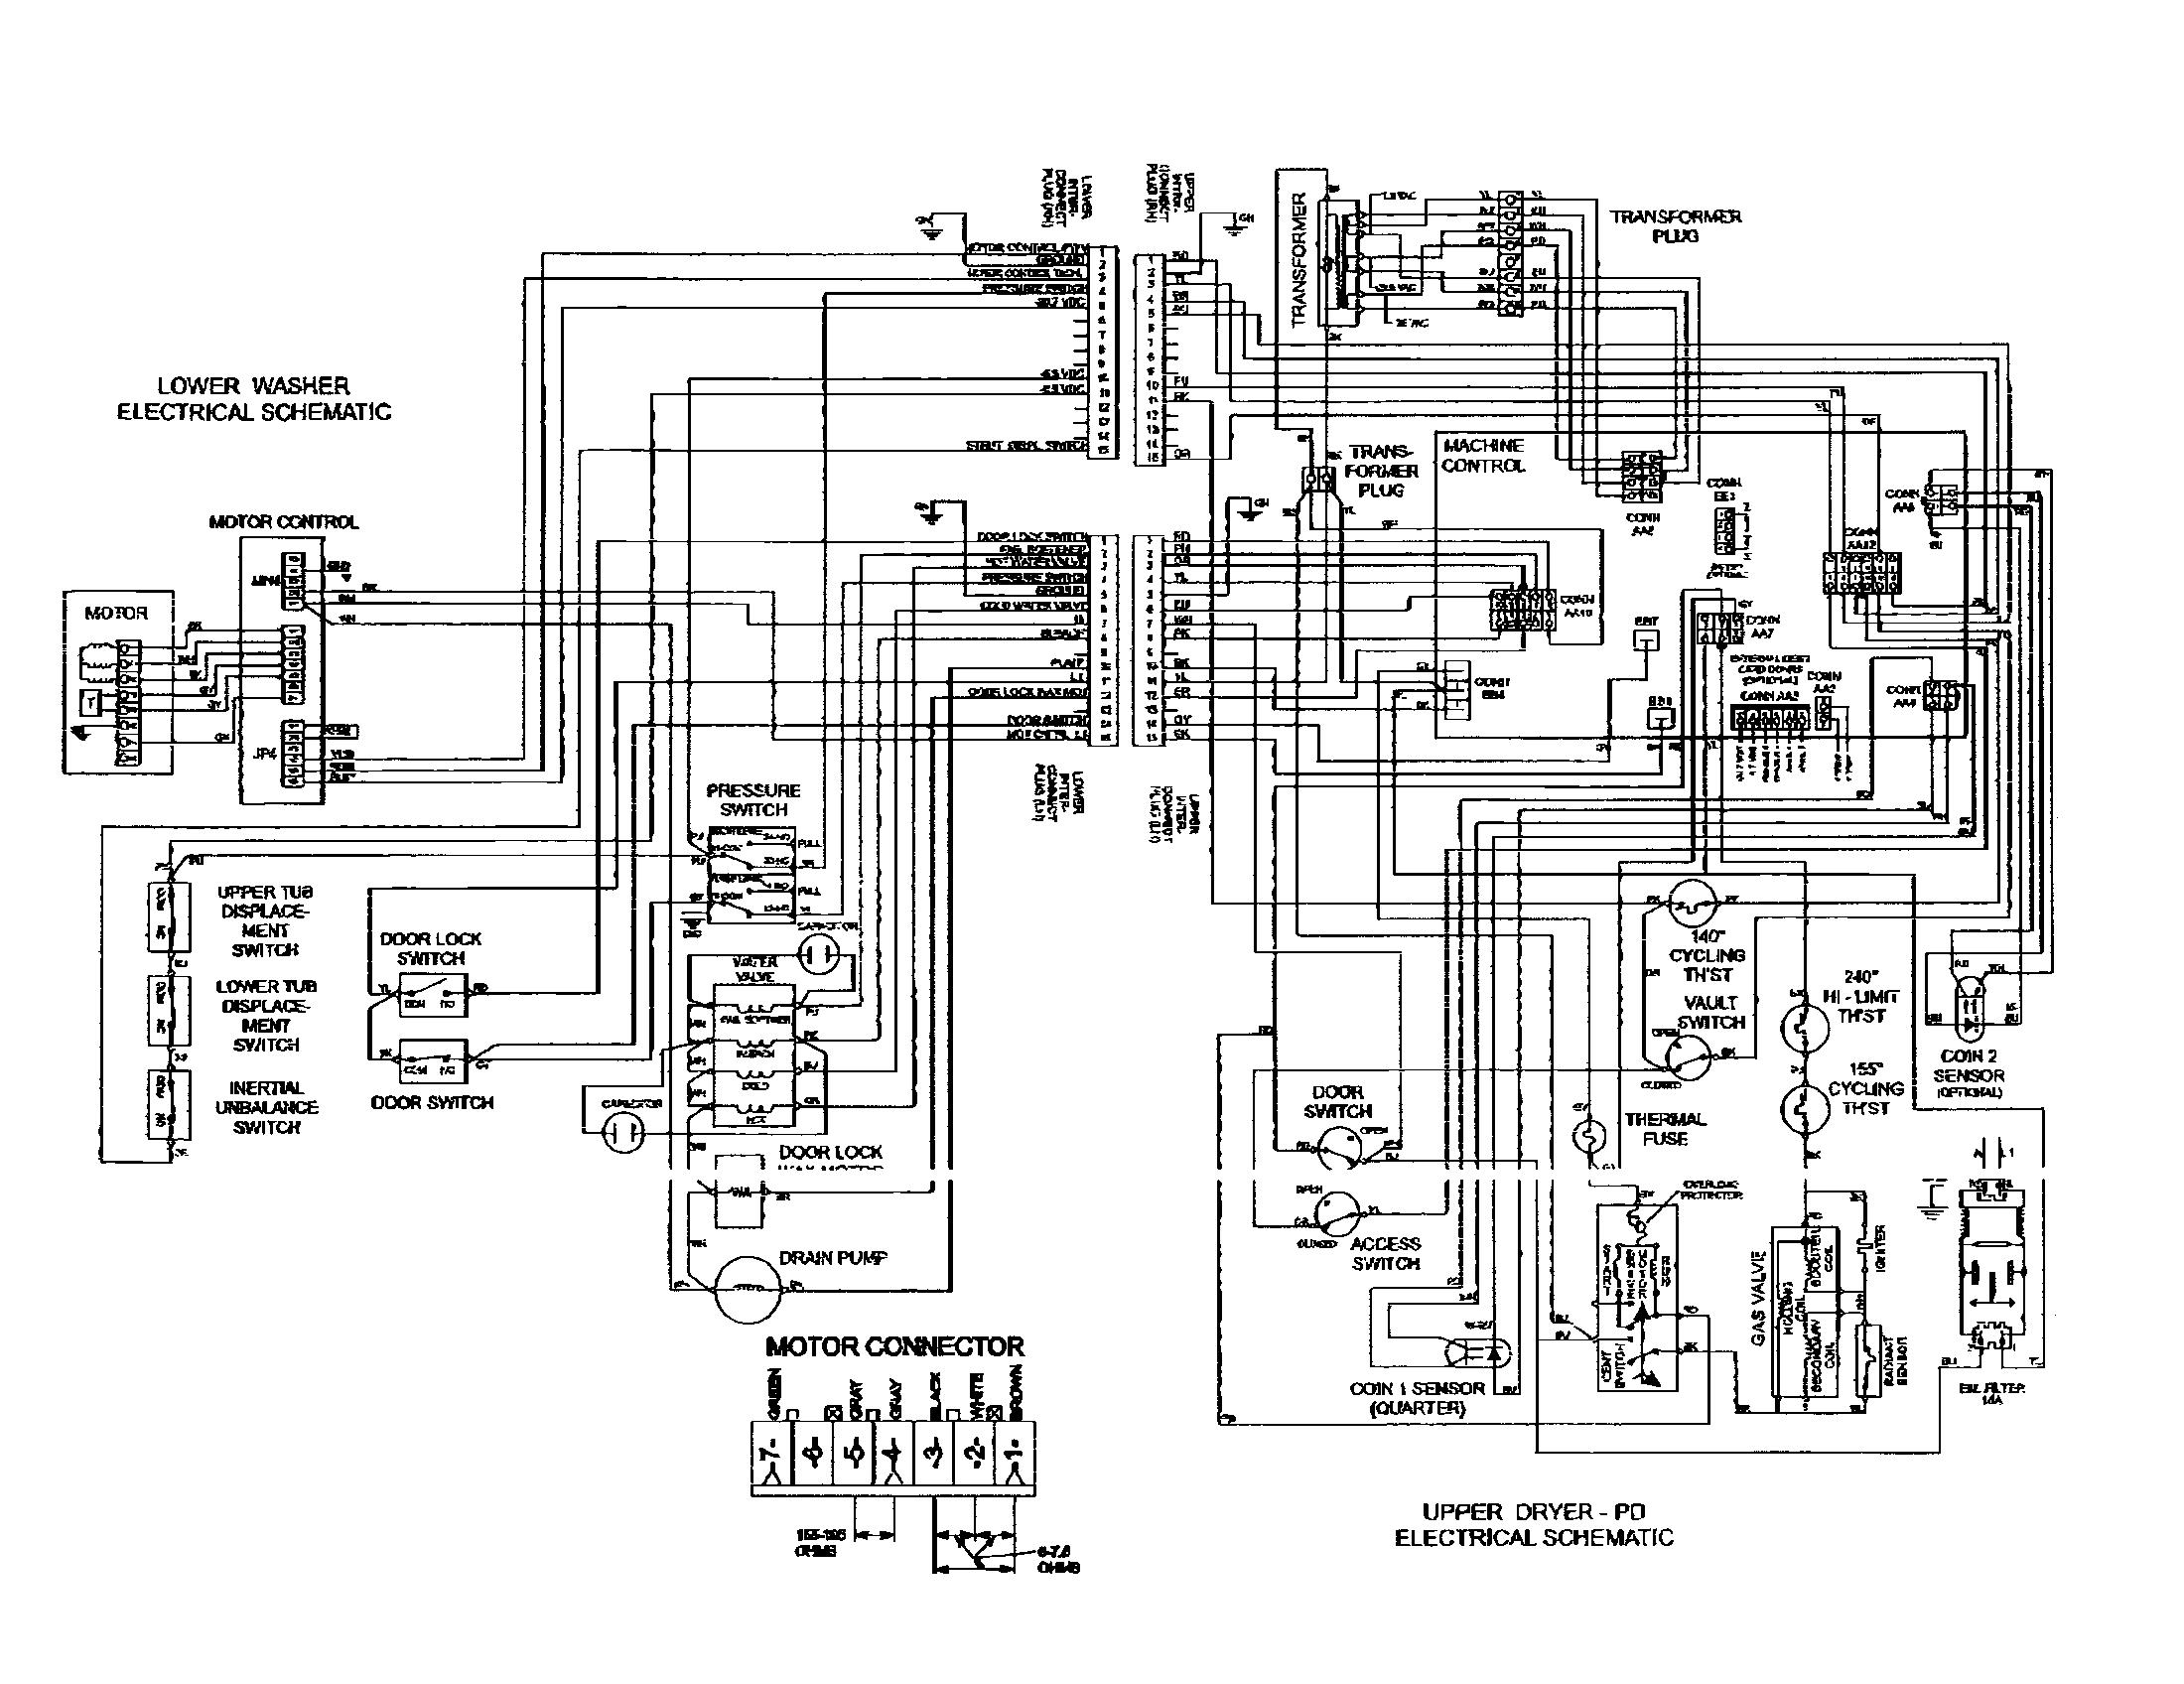 3 phase washer motor wiring diagrams